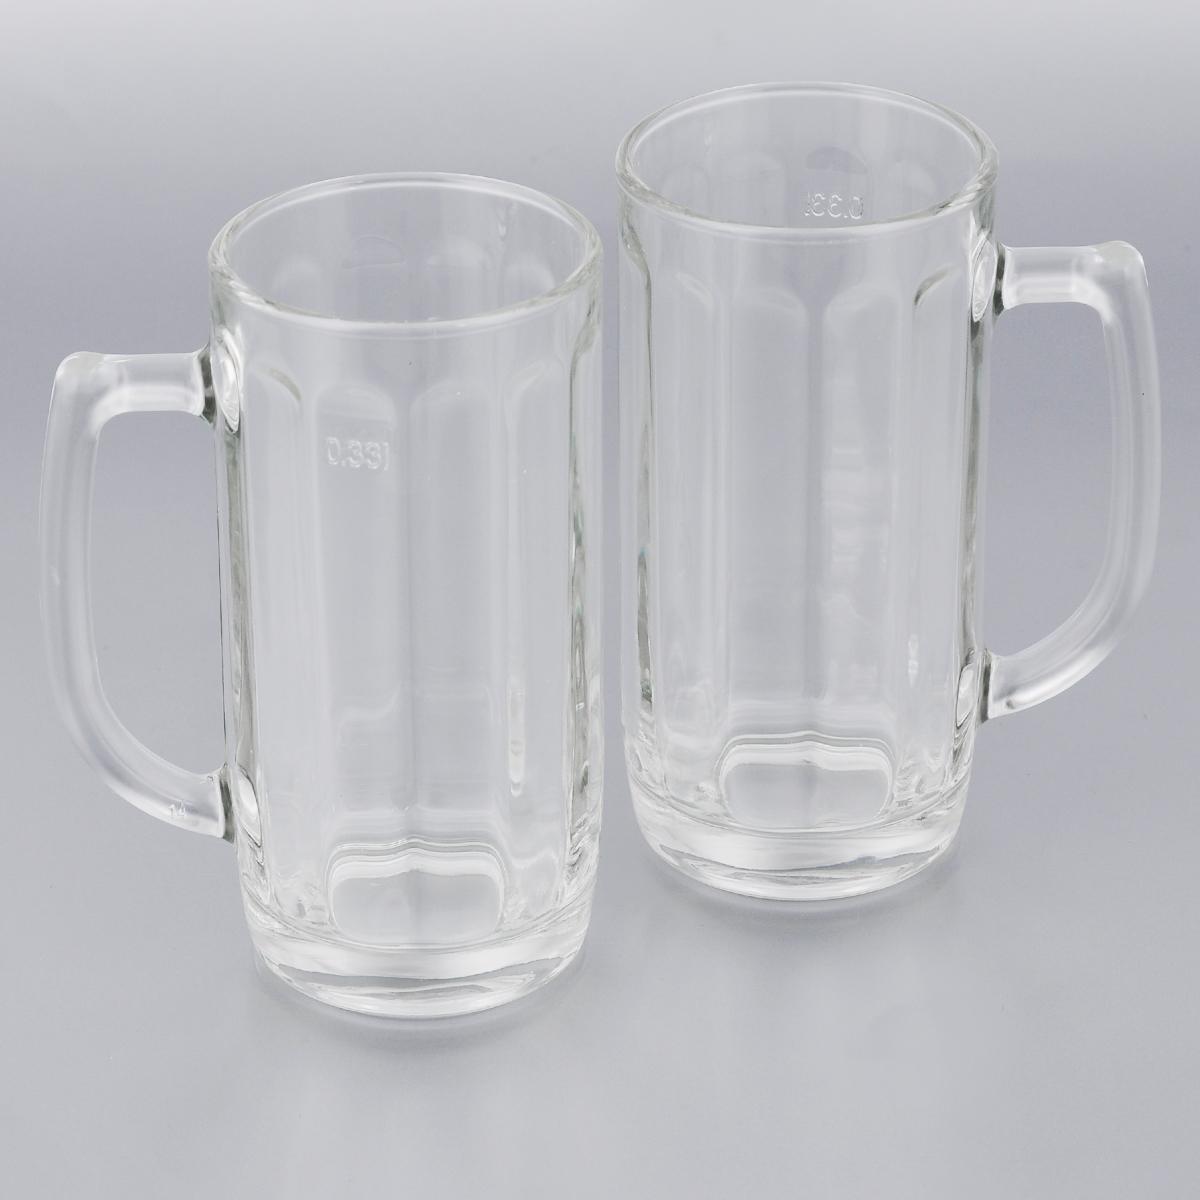 Набор кружек для пива Luminarc Гамбург, 330 мл, 2 штH5126Набор Luminarc Гамбург состоит из двух кружек, выполненных из упрочненного стекла. Кружки предназначены для подачи пива. Они сочетают в себе элегантный дизайн и функциональность. Грани кружек подчеркнут цвет напитка, а толщина стенок поможет сохранить пиво прохладным. Благодаря такому набору кружек пить напитки будет еще приятнее.Набор кружек для пива Luminarc Гамбург идеально подойдет для сервировки стола и станет отличным подарком к любому празднику. Можно мыть в посудомоечной машине.Диаметр кружек: 7 см.Высота кружек: 15 см.